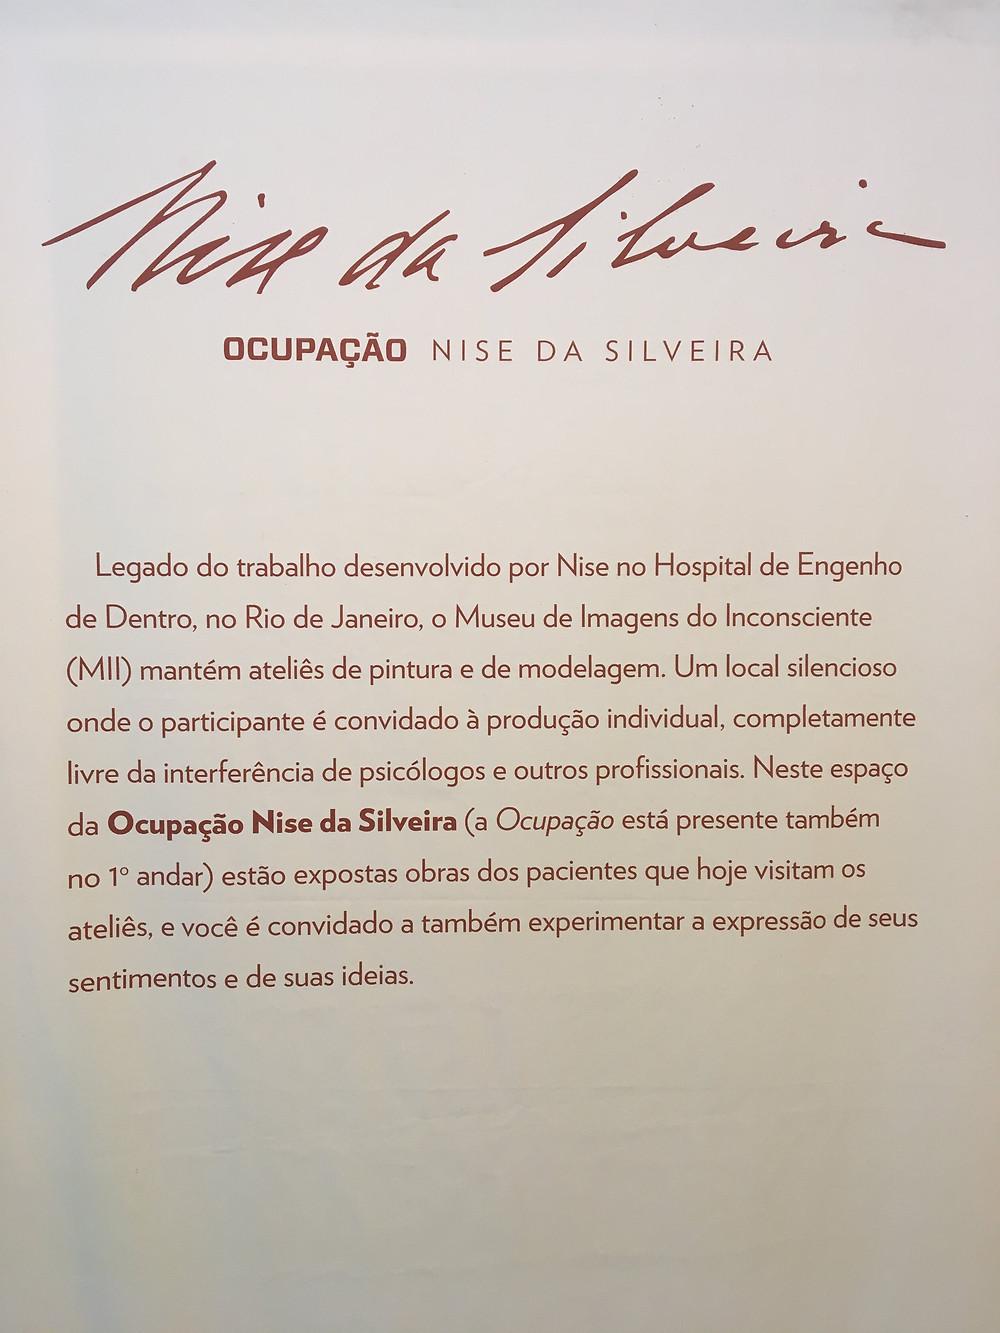 Nise da Silveira